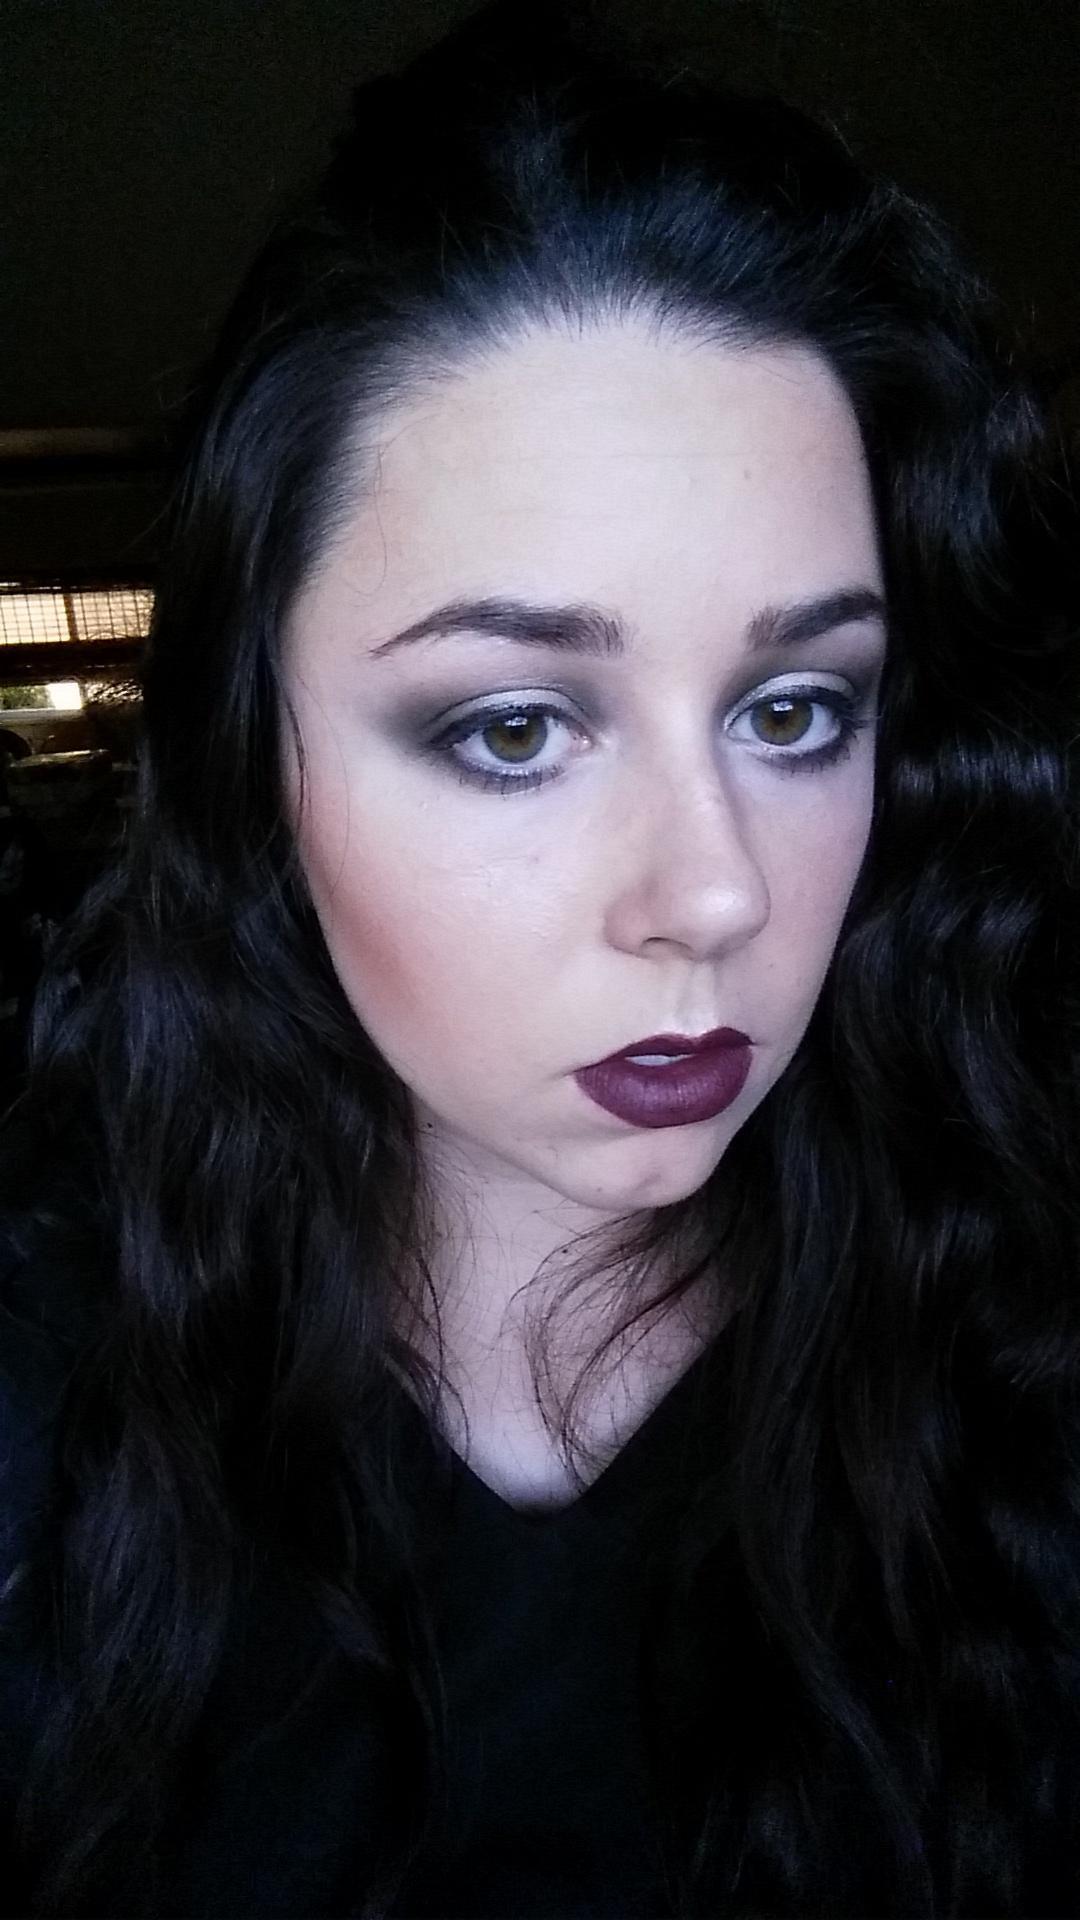 Opera gala makeup look